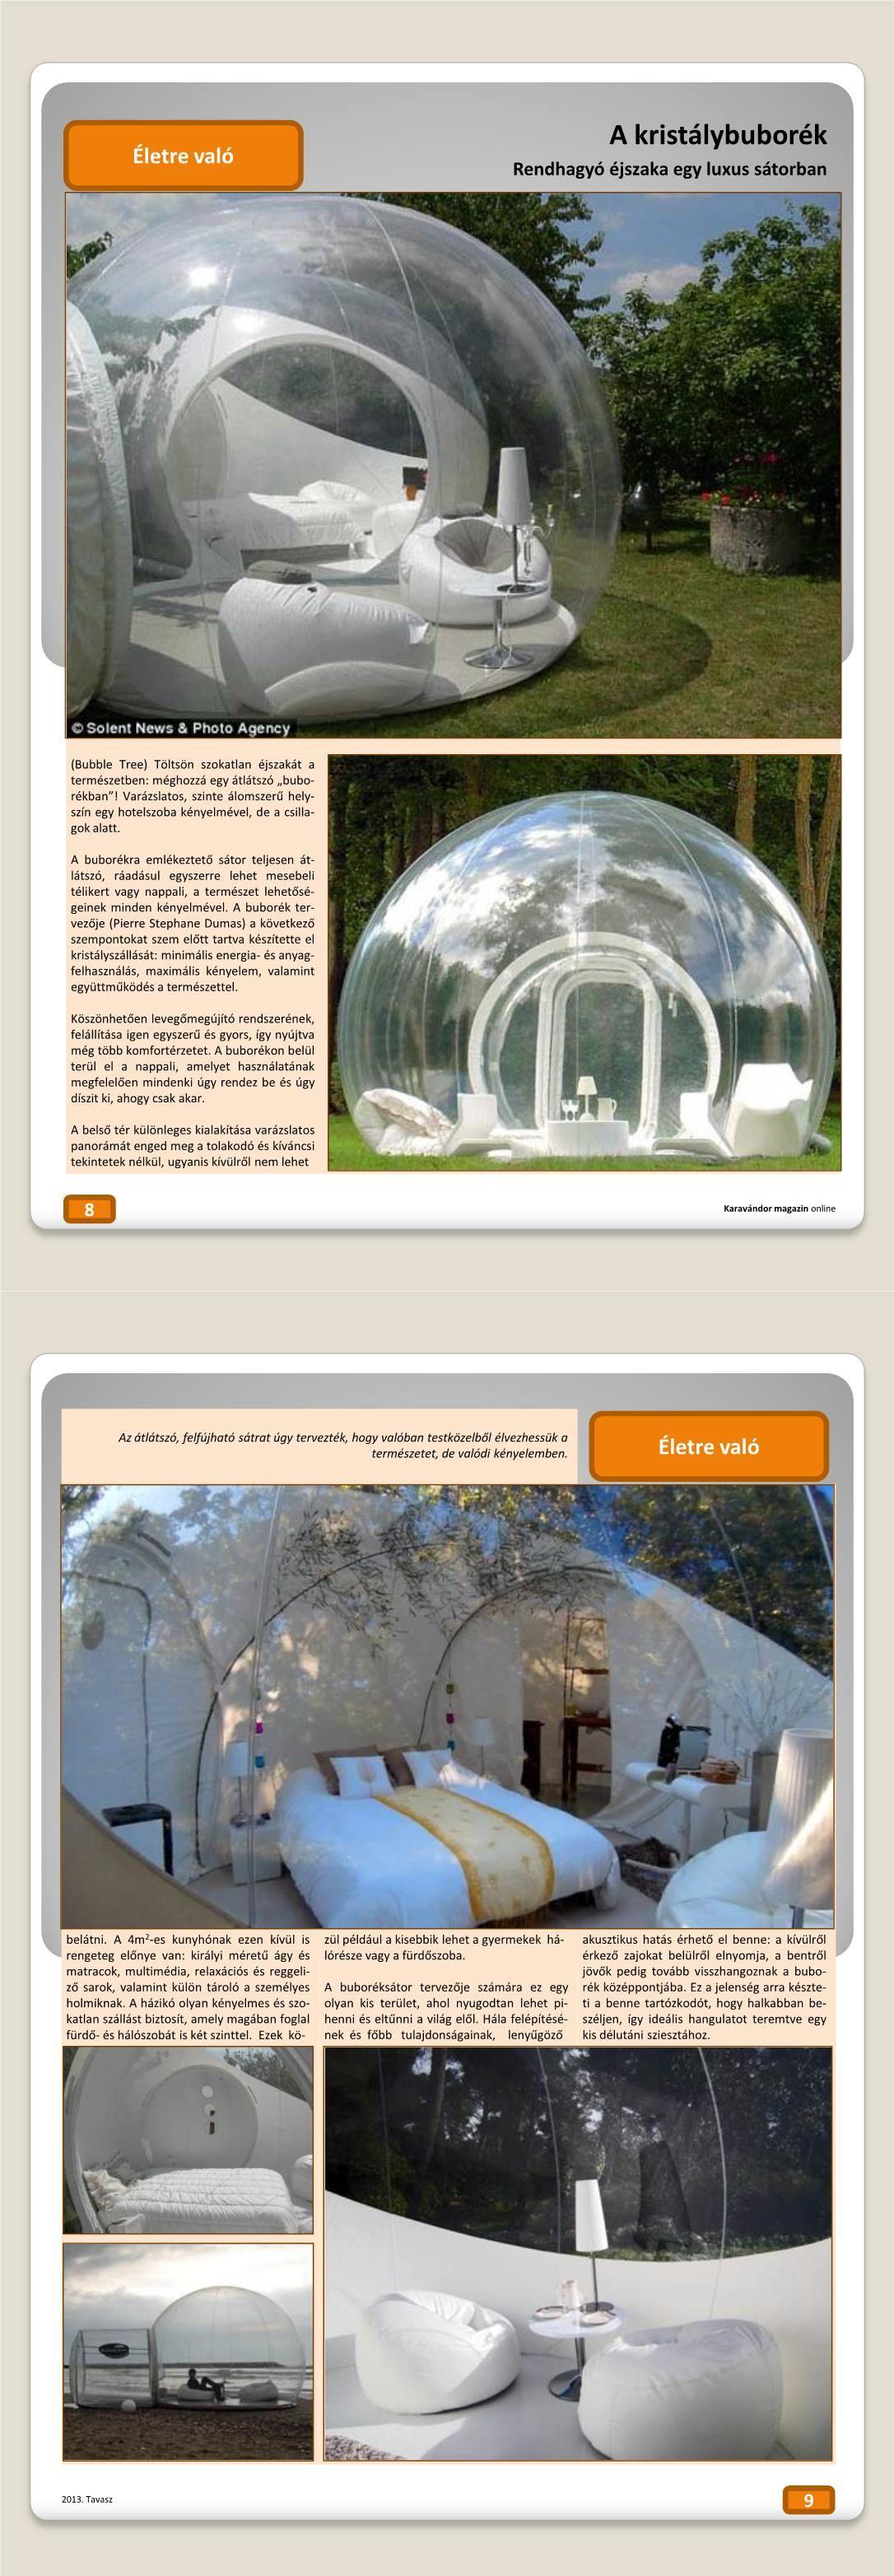 Életre való - Luxus sátor a kristálybuborék